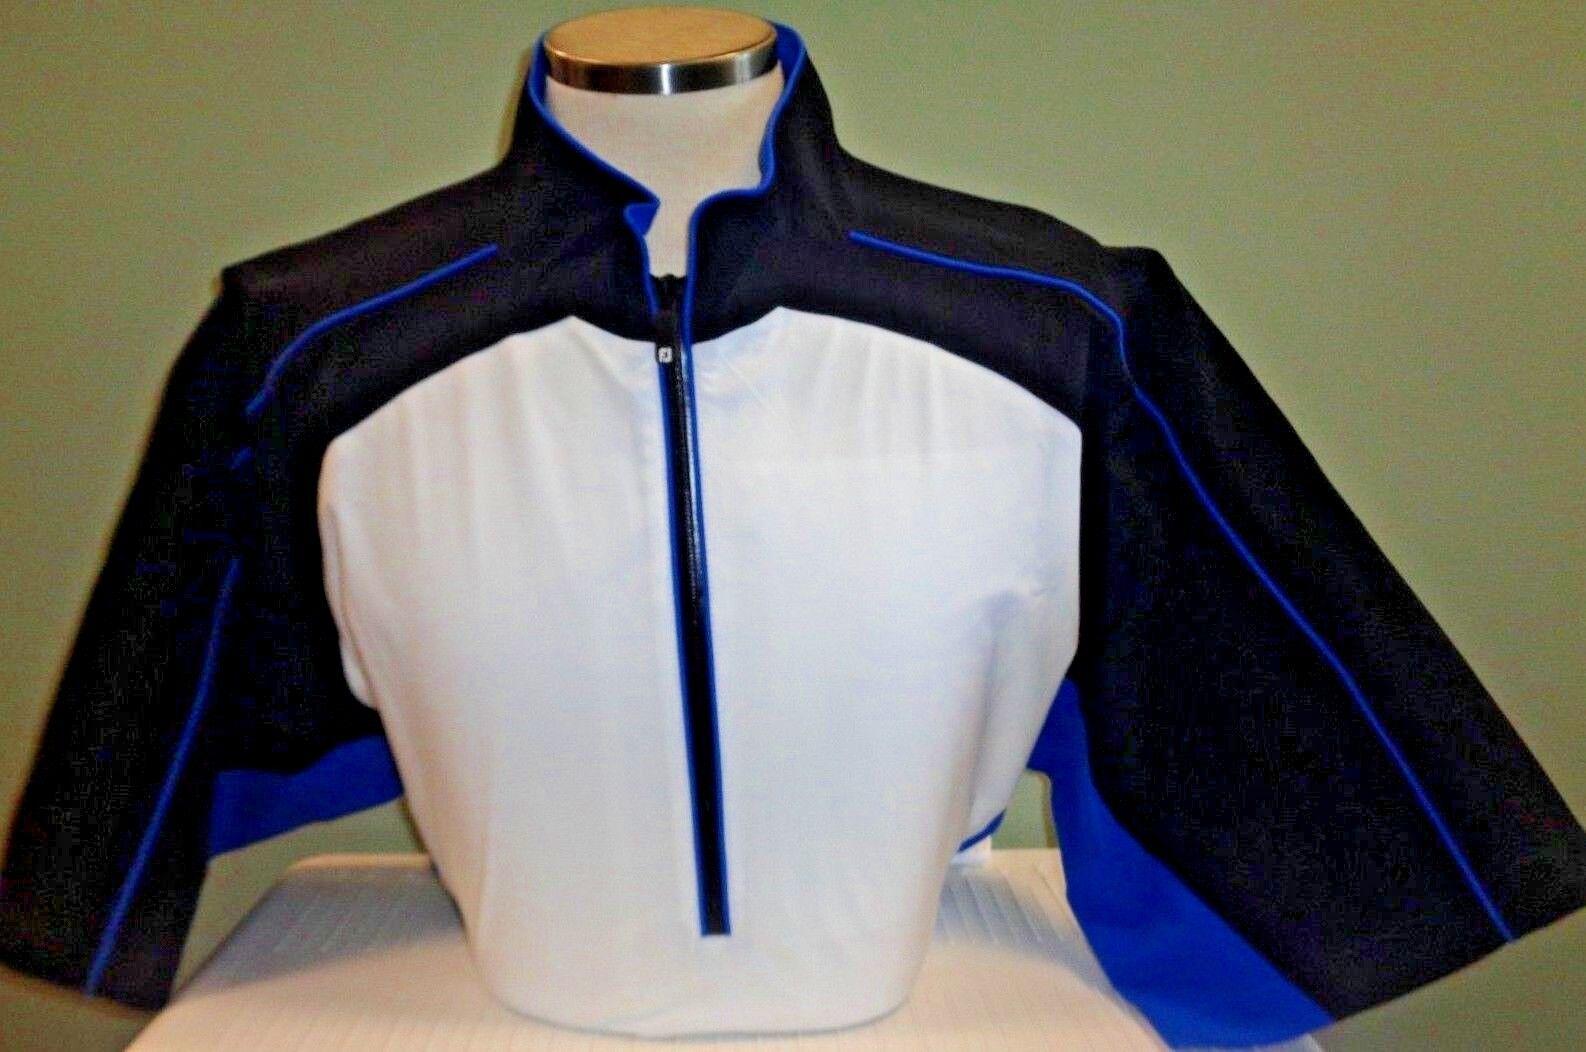 Nuevo para hombre Footjoy Dryjoys S S Tour colección chaqueta de lluvia, blancoo Negro, Elige Tamaño